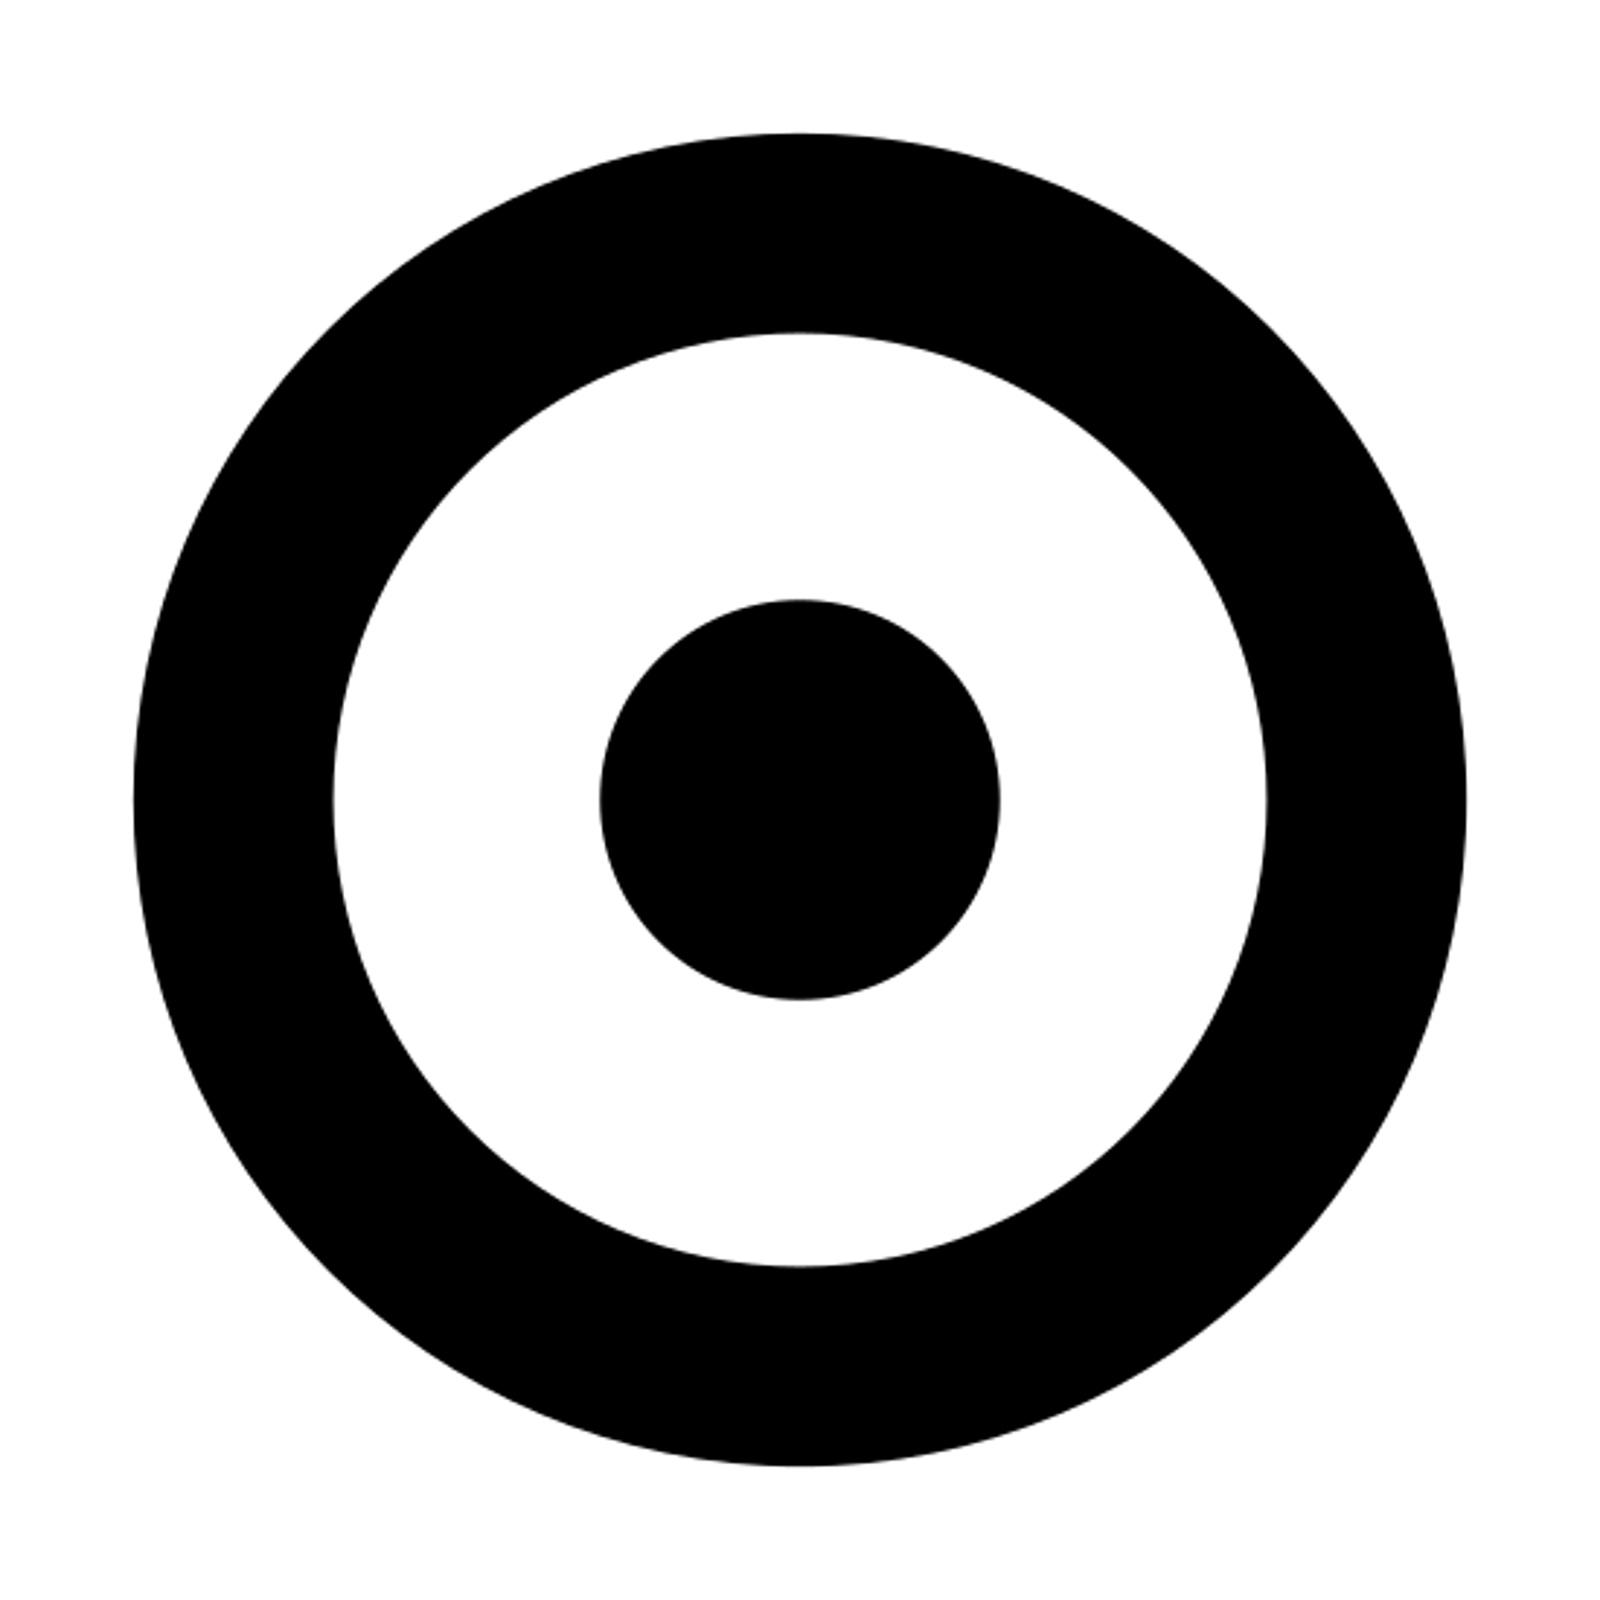 Королевские Воздушные Силы icon